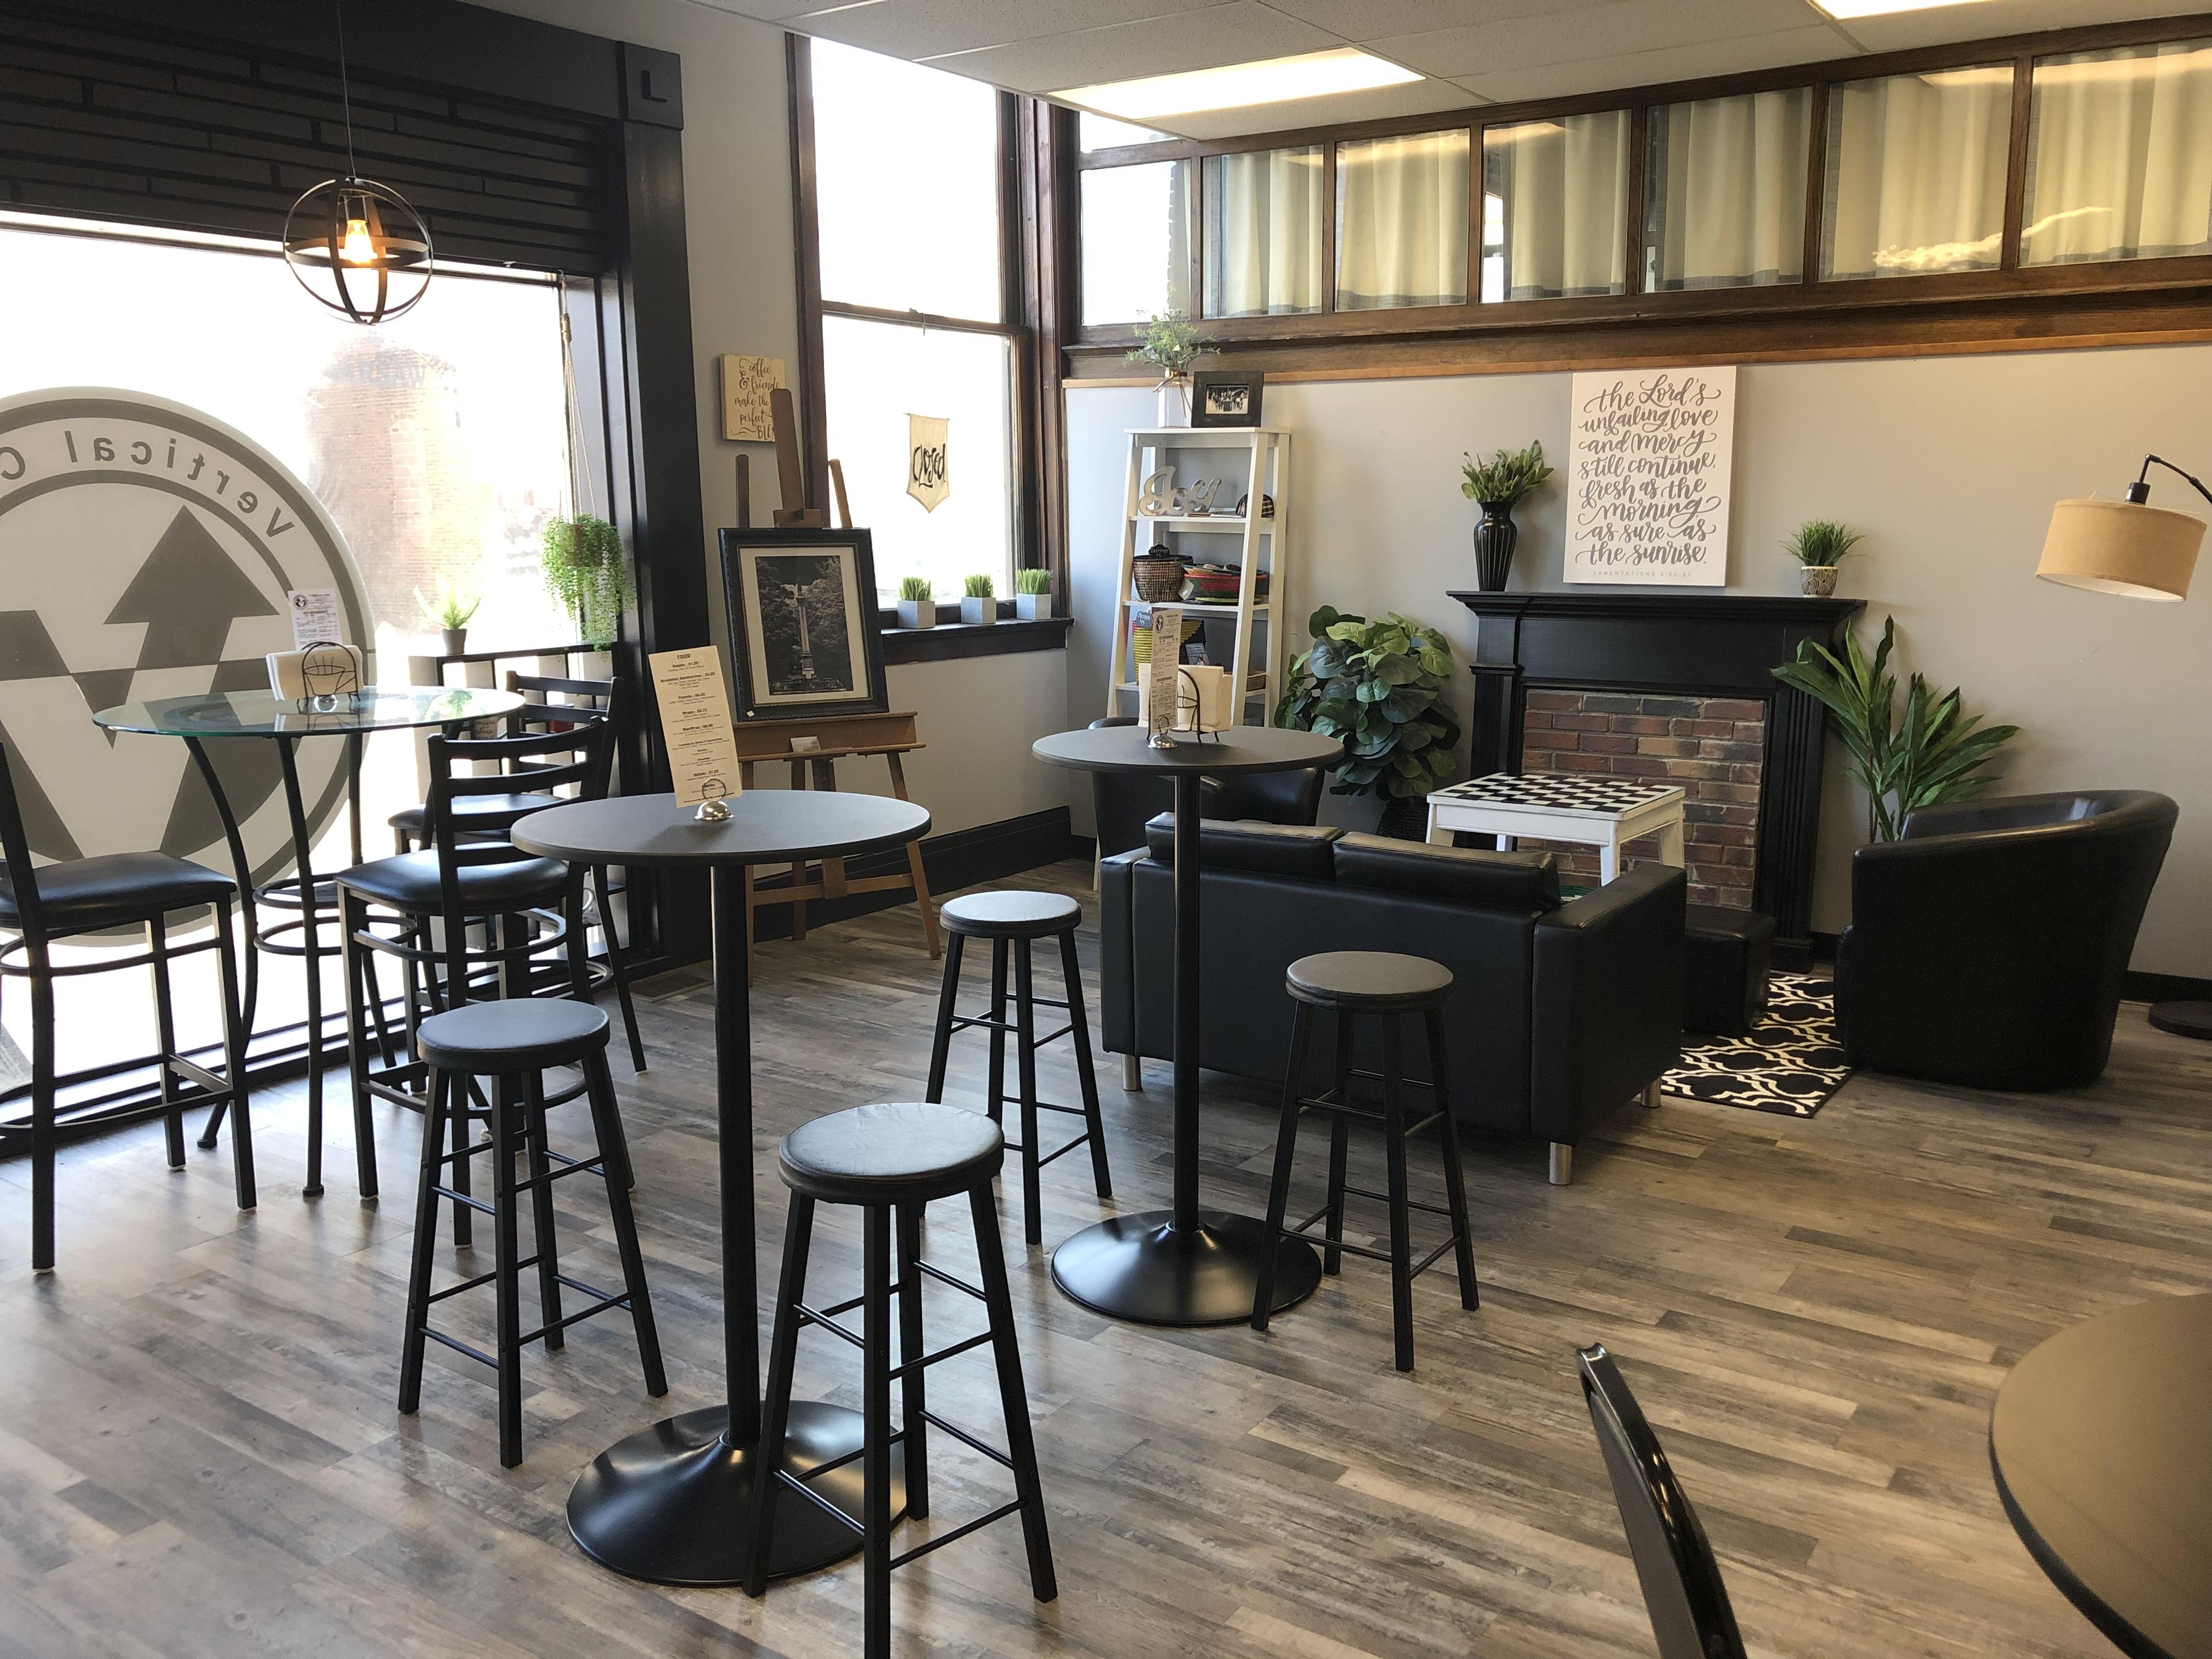 Inside Vertical Cafe Warsaw NY